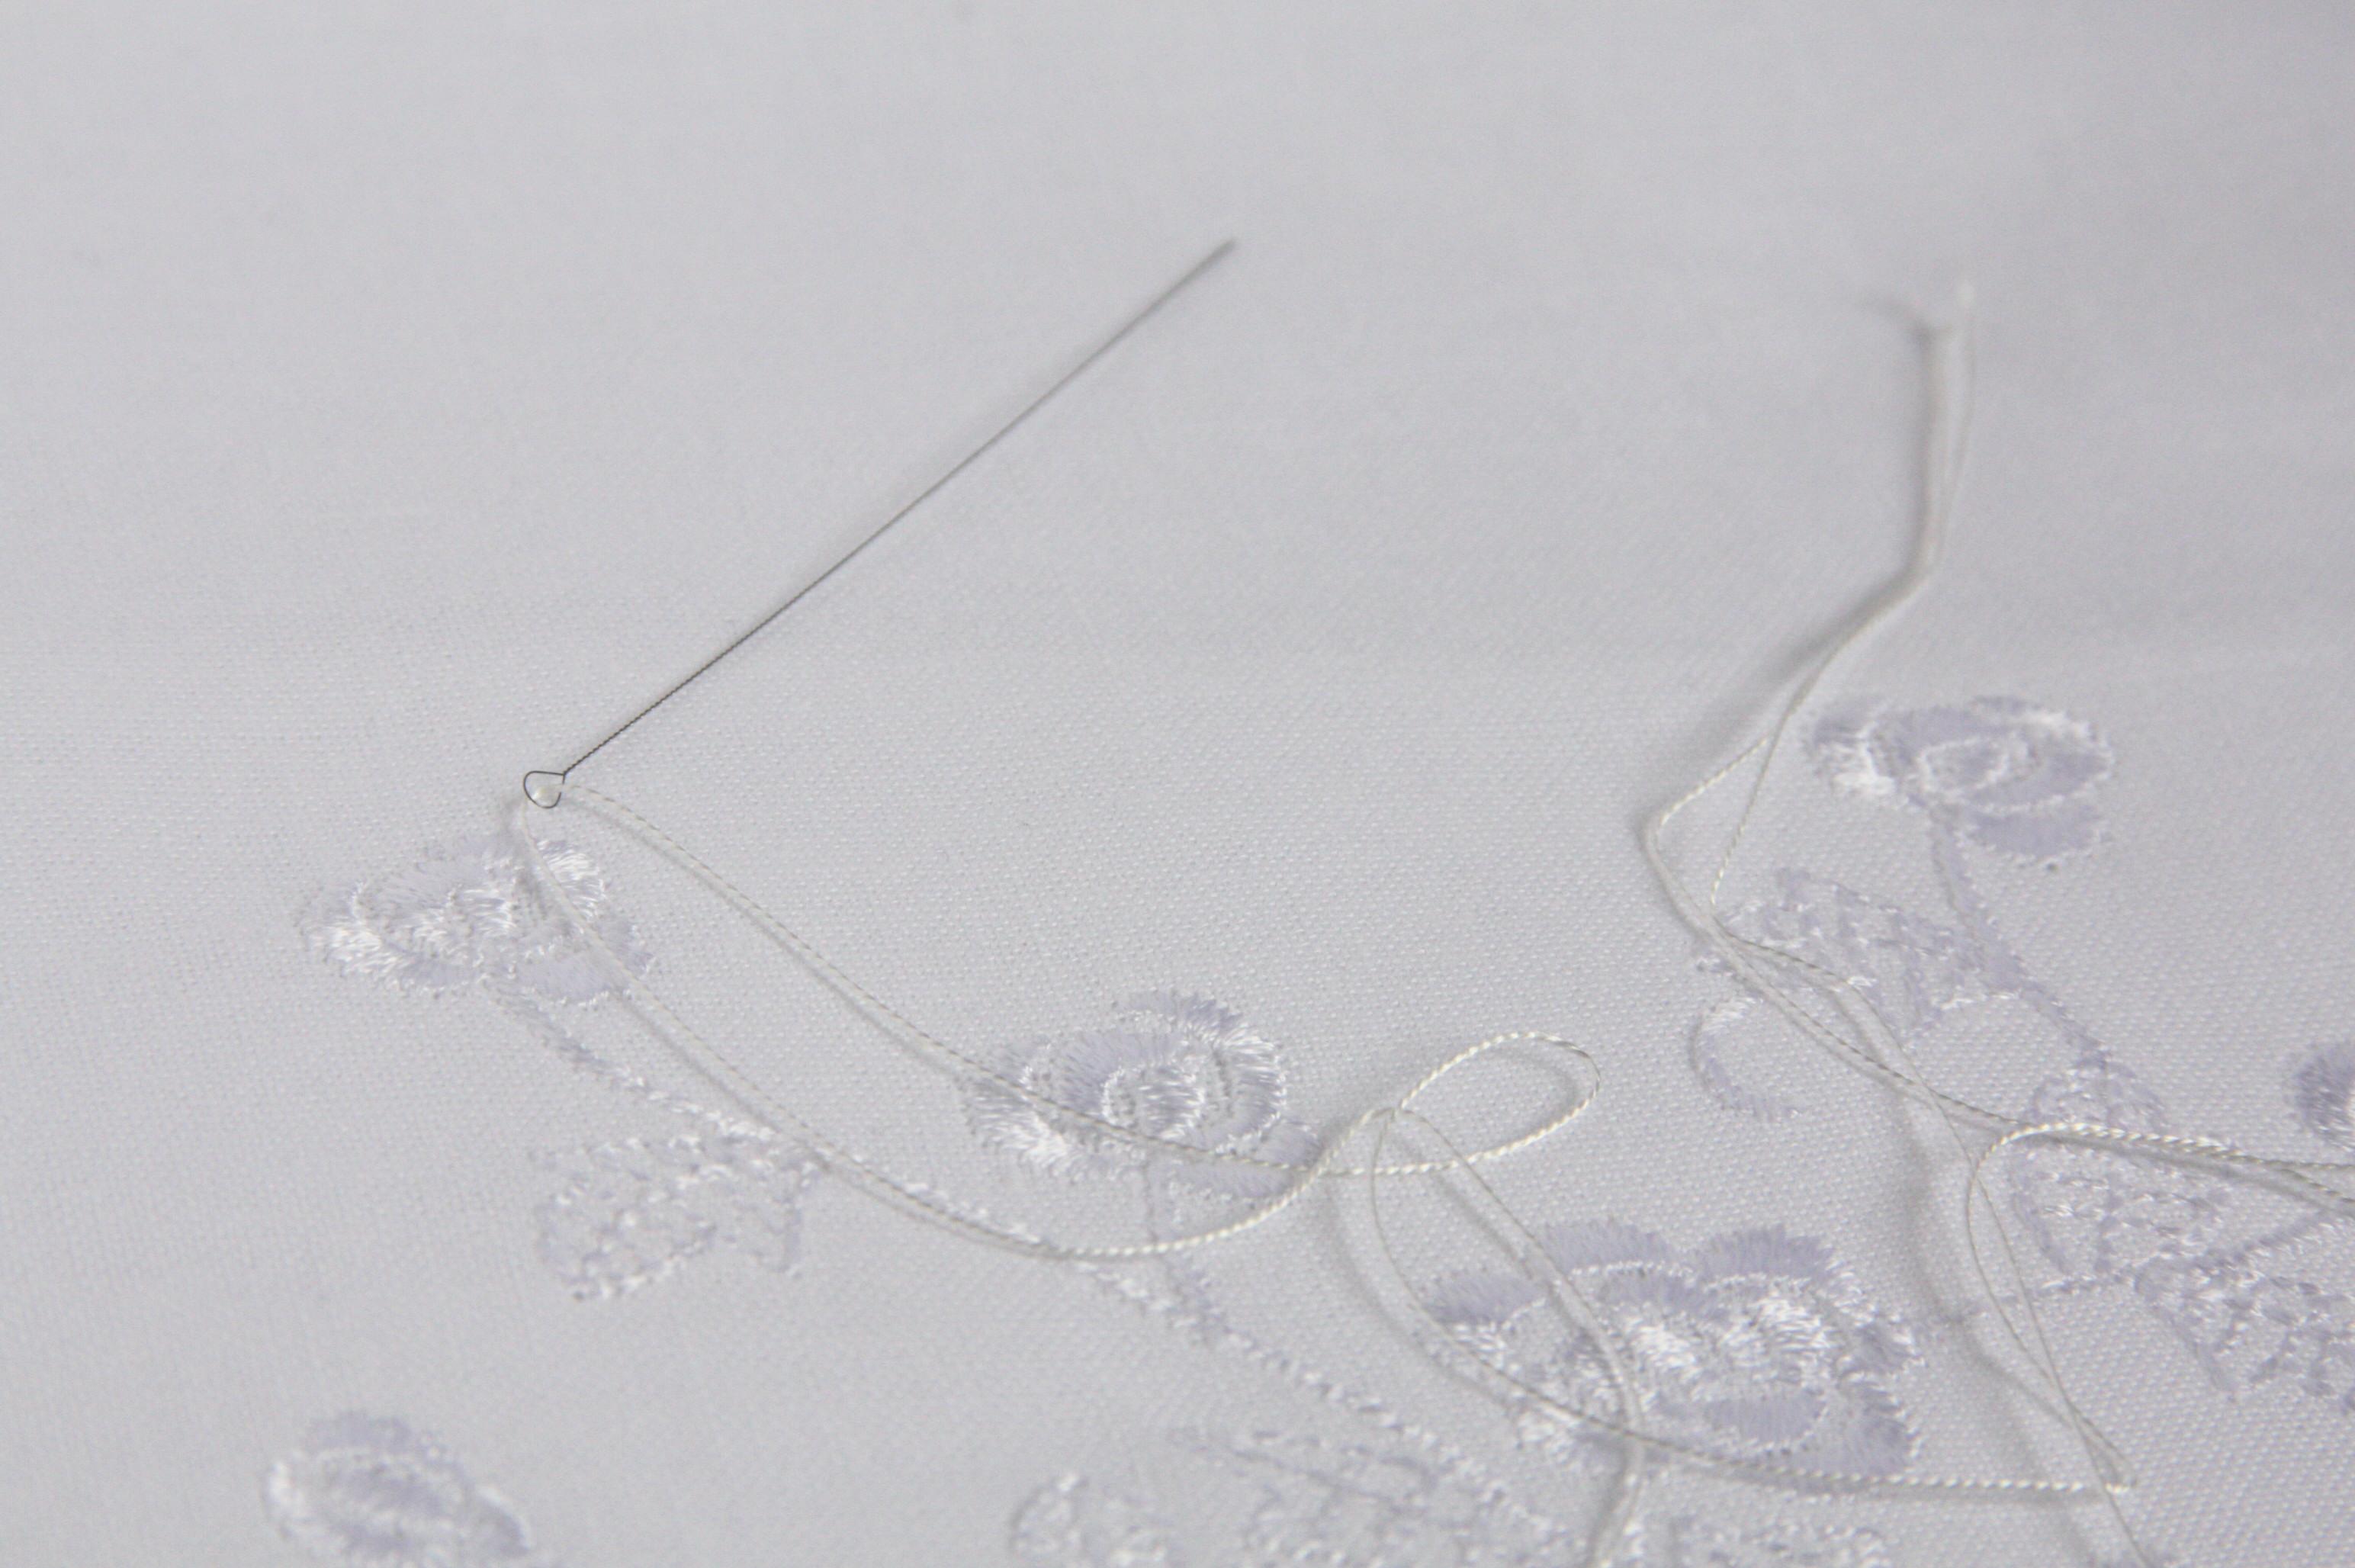 シルク糸とビーズ針